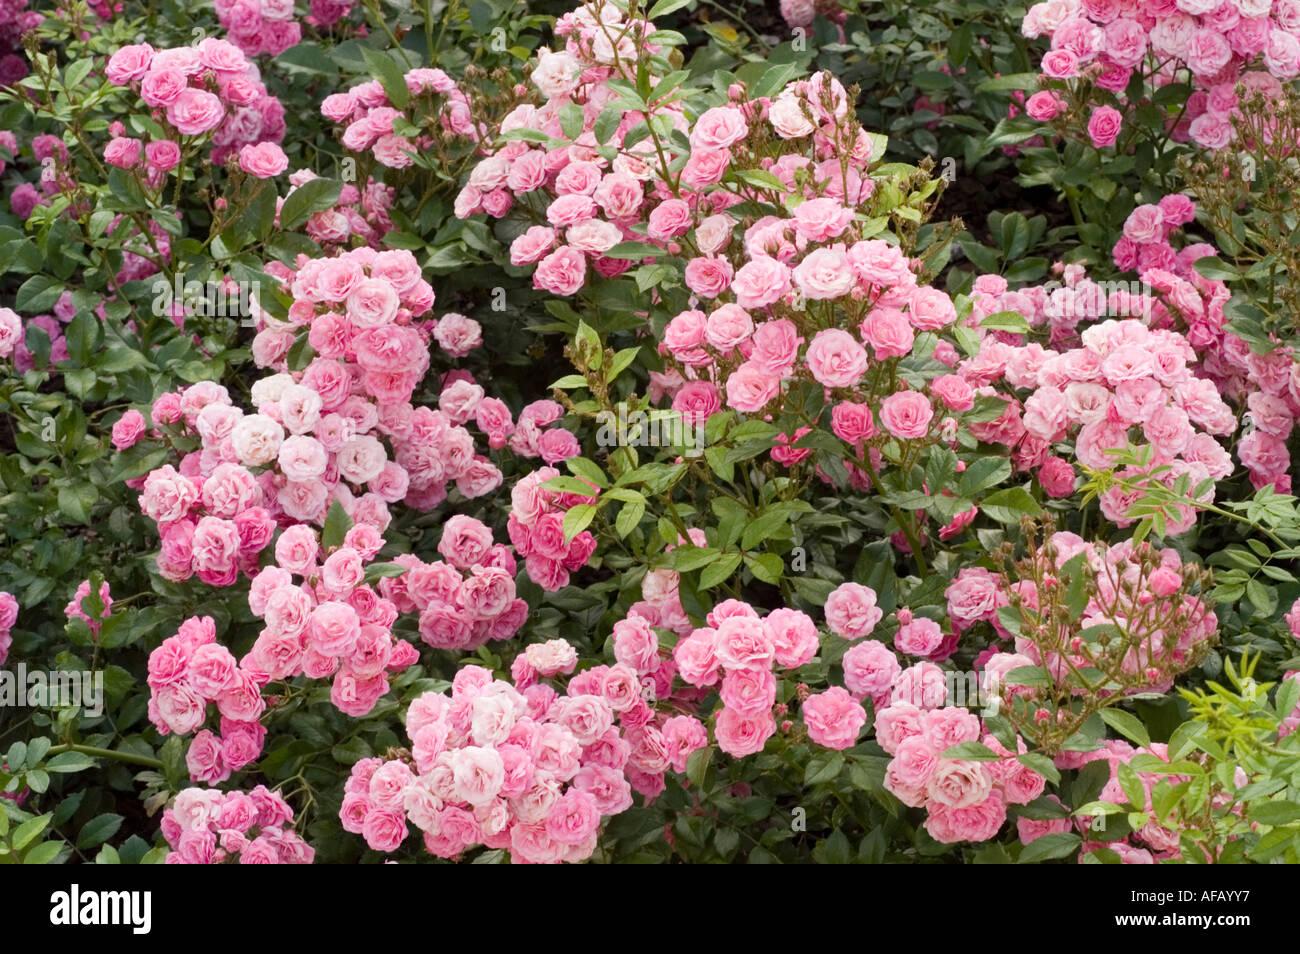 viele kleine bl ten von rosa rose stockfoto bild 7936758 alamy. Black Bedroom Furniture Sets. Home Design Ideas